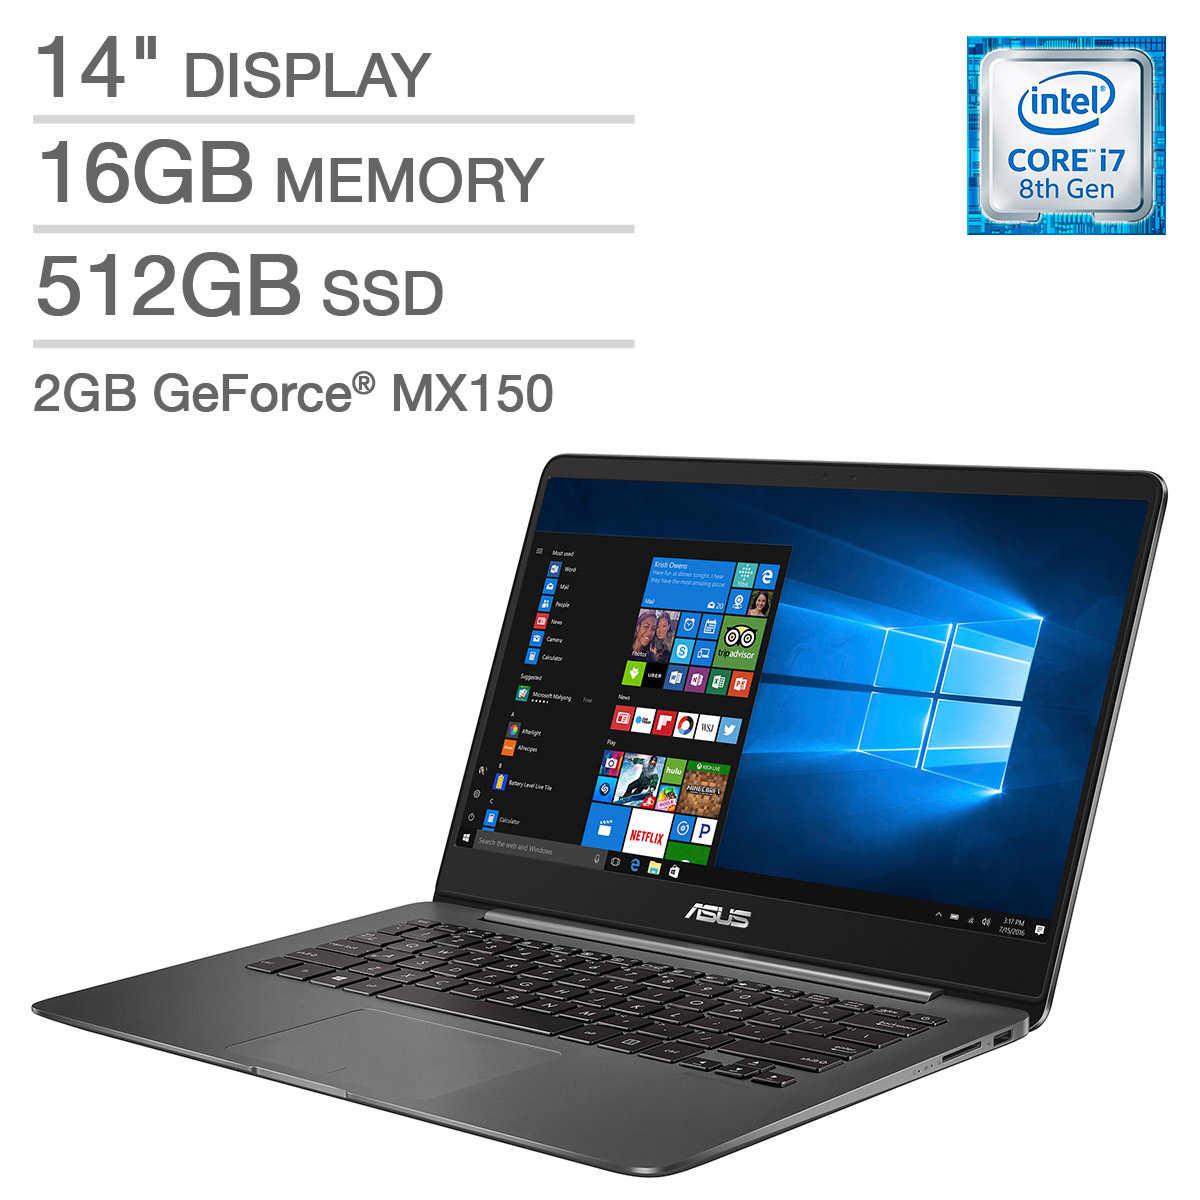 ASUS ZenBook UX430UN Laptop - Intel Core i7 - GeForce MX150 -1080p